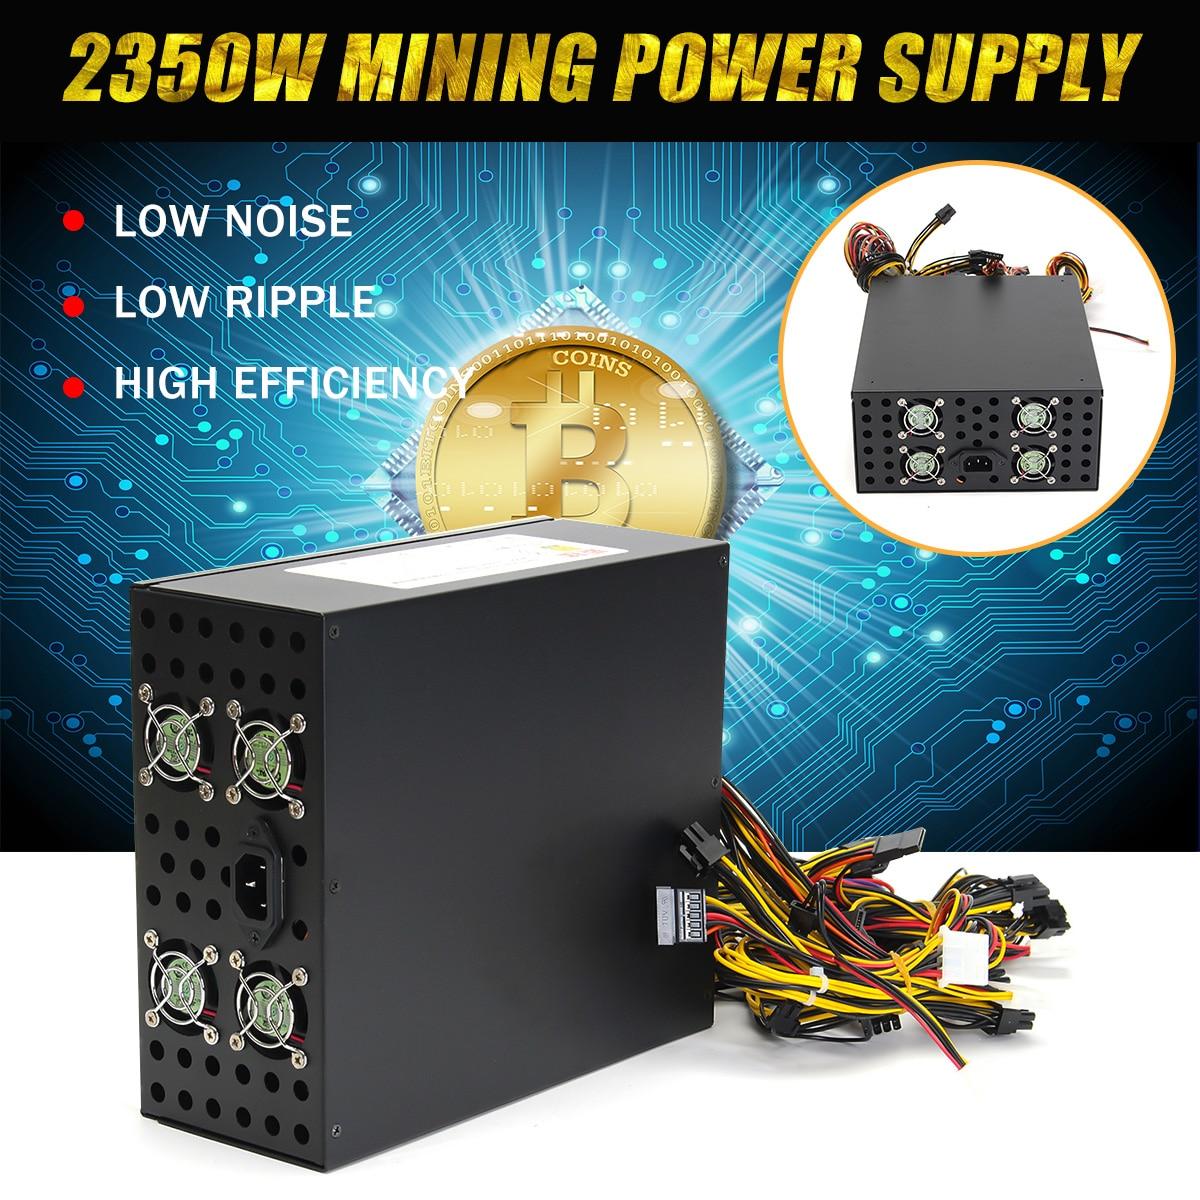 2350 w di Potenza di Alimentazione Per Eth Rig per Ethereum Moneta Macchina di Estrazione Mineraria Minatore Dedicato 8 GPU della Scheda grafica di Alimentazione Forniture